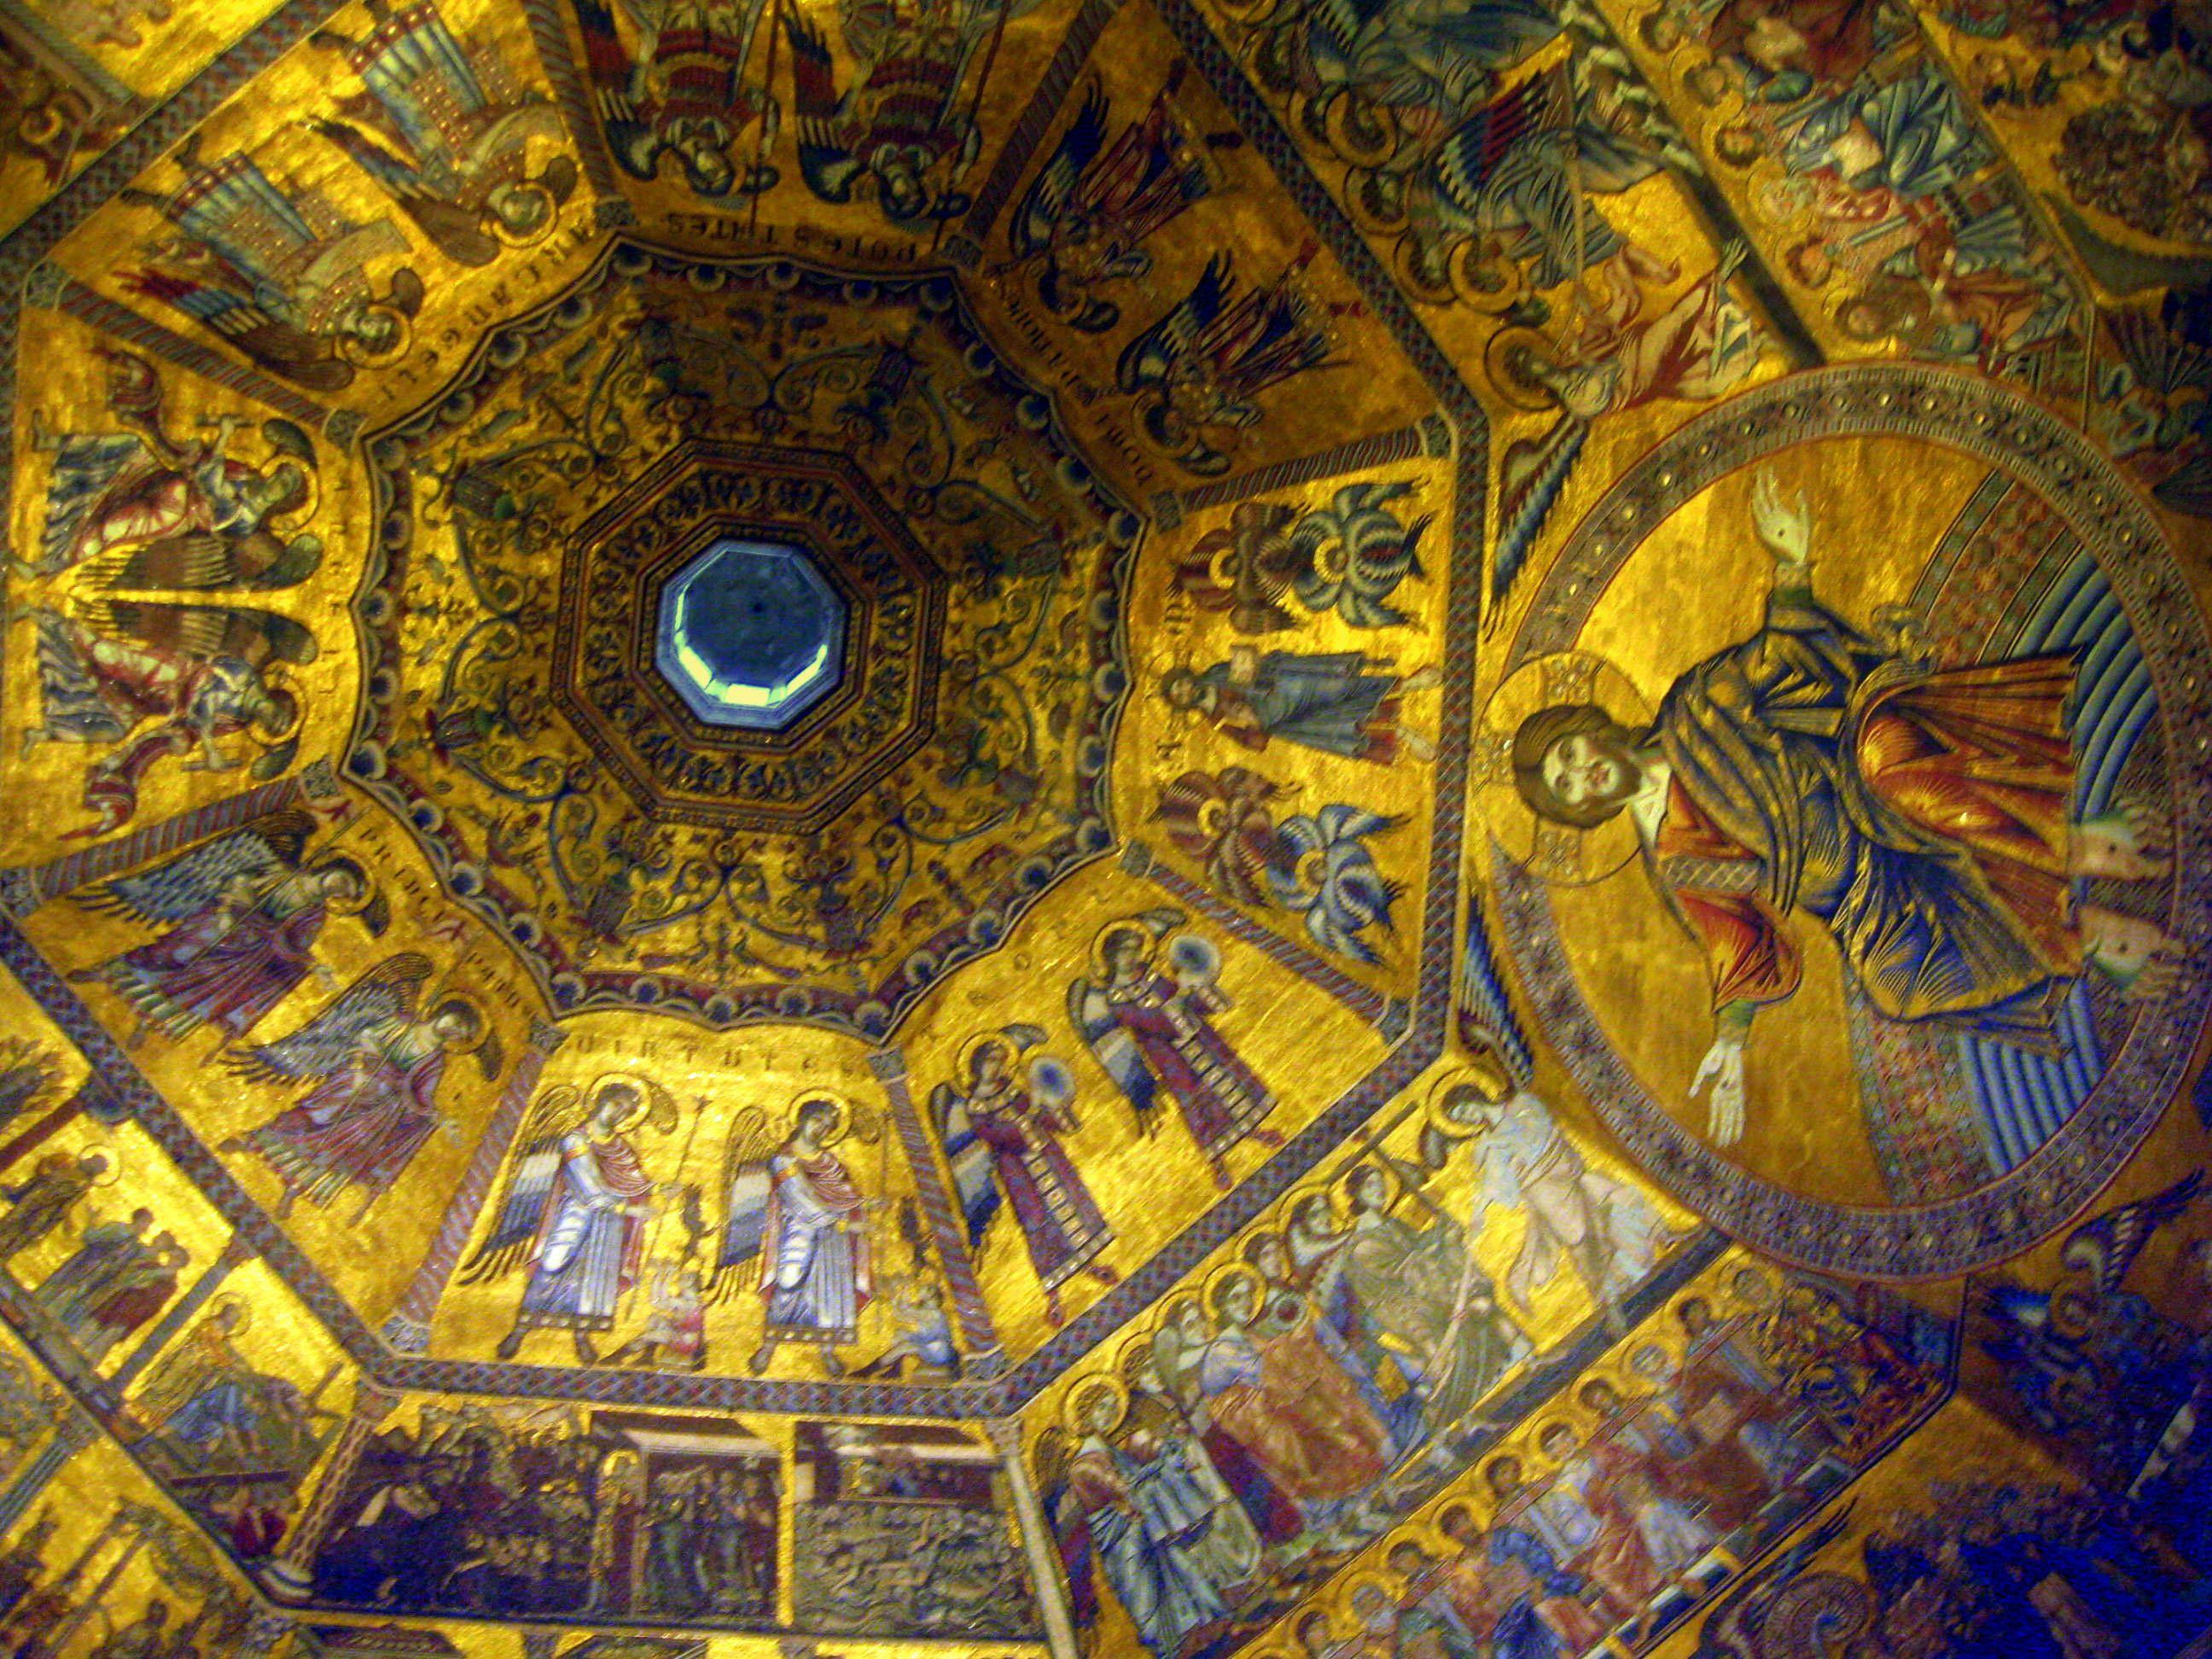 Murales en el techo del Baptisterio de la Catedral de Florencia - DIC 2009.